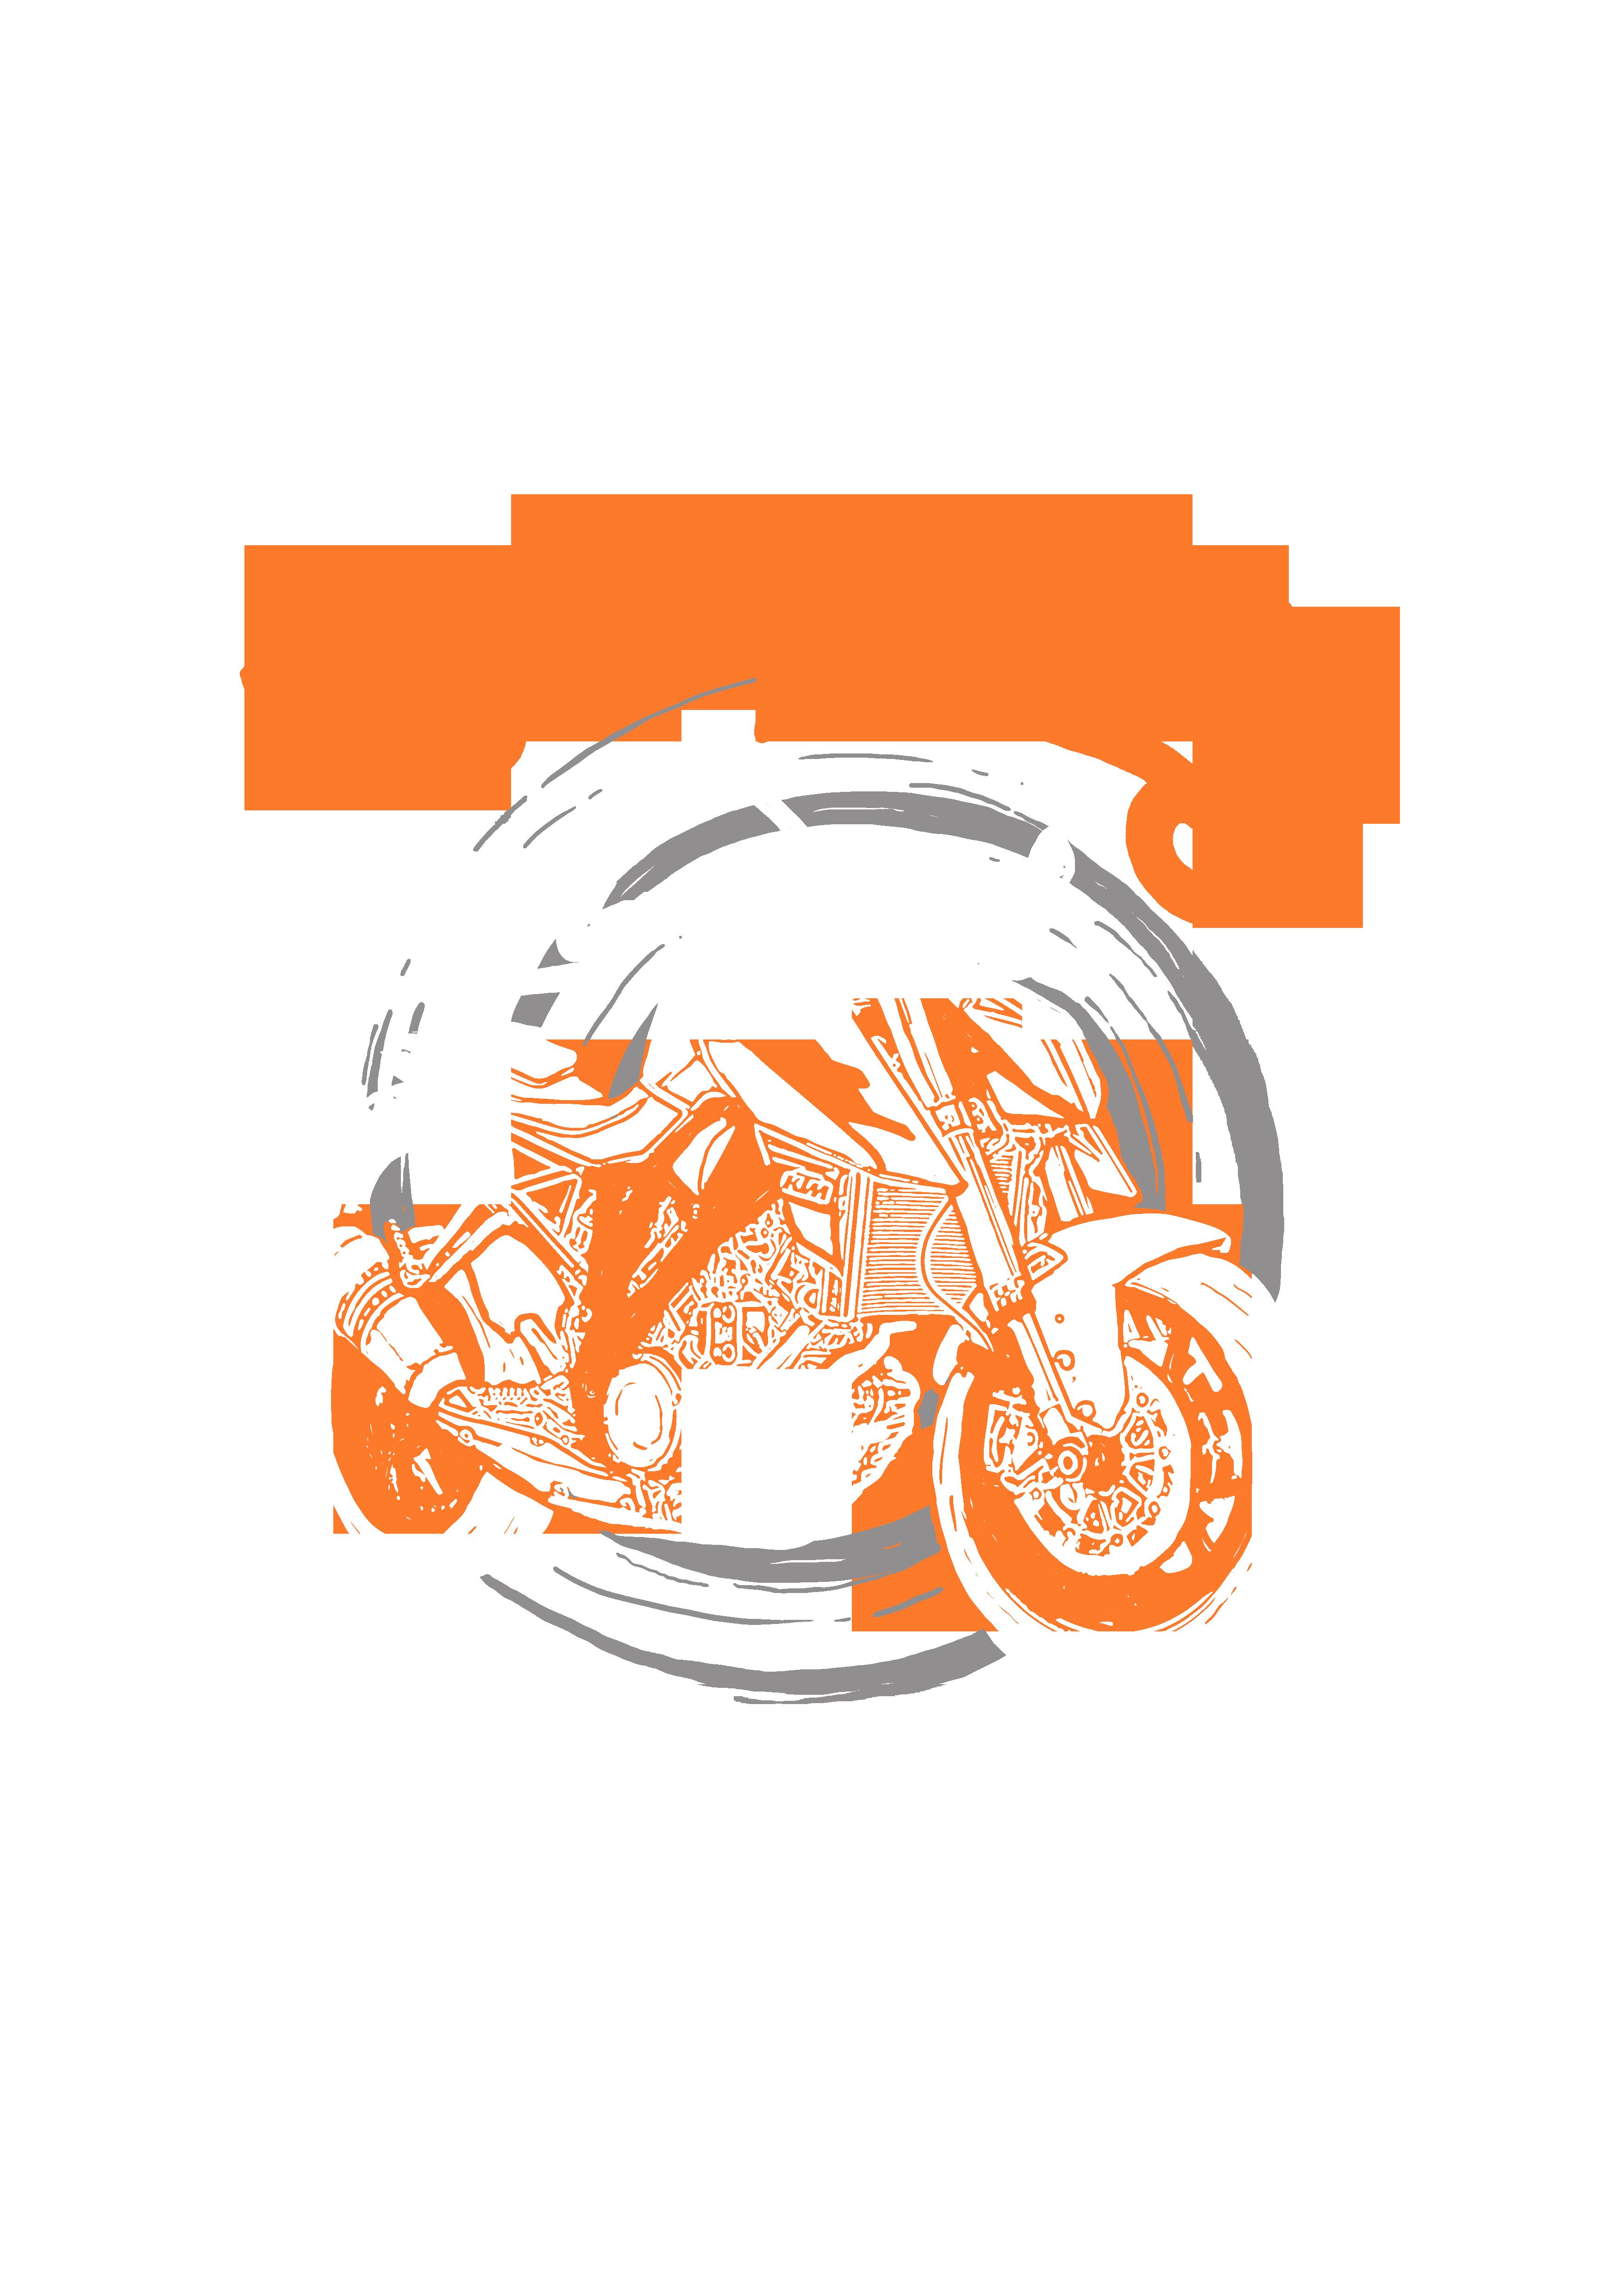 KTMtwins